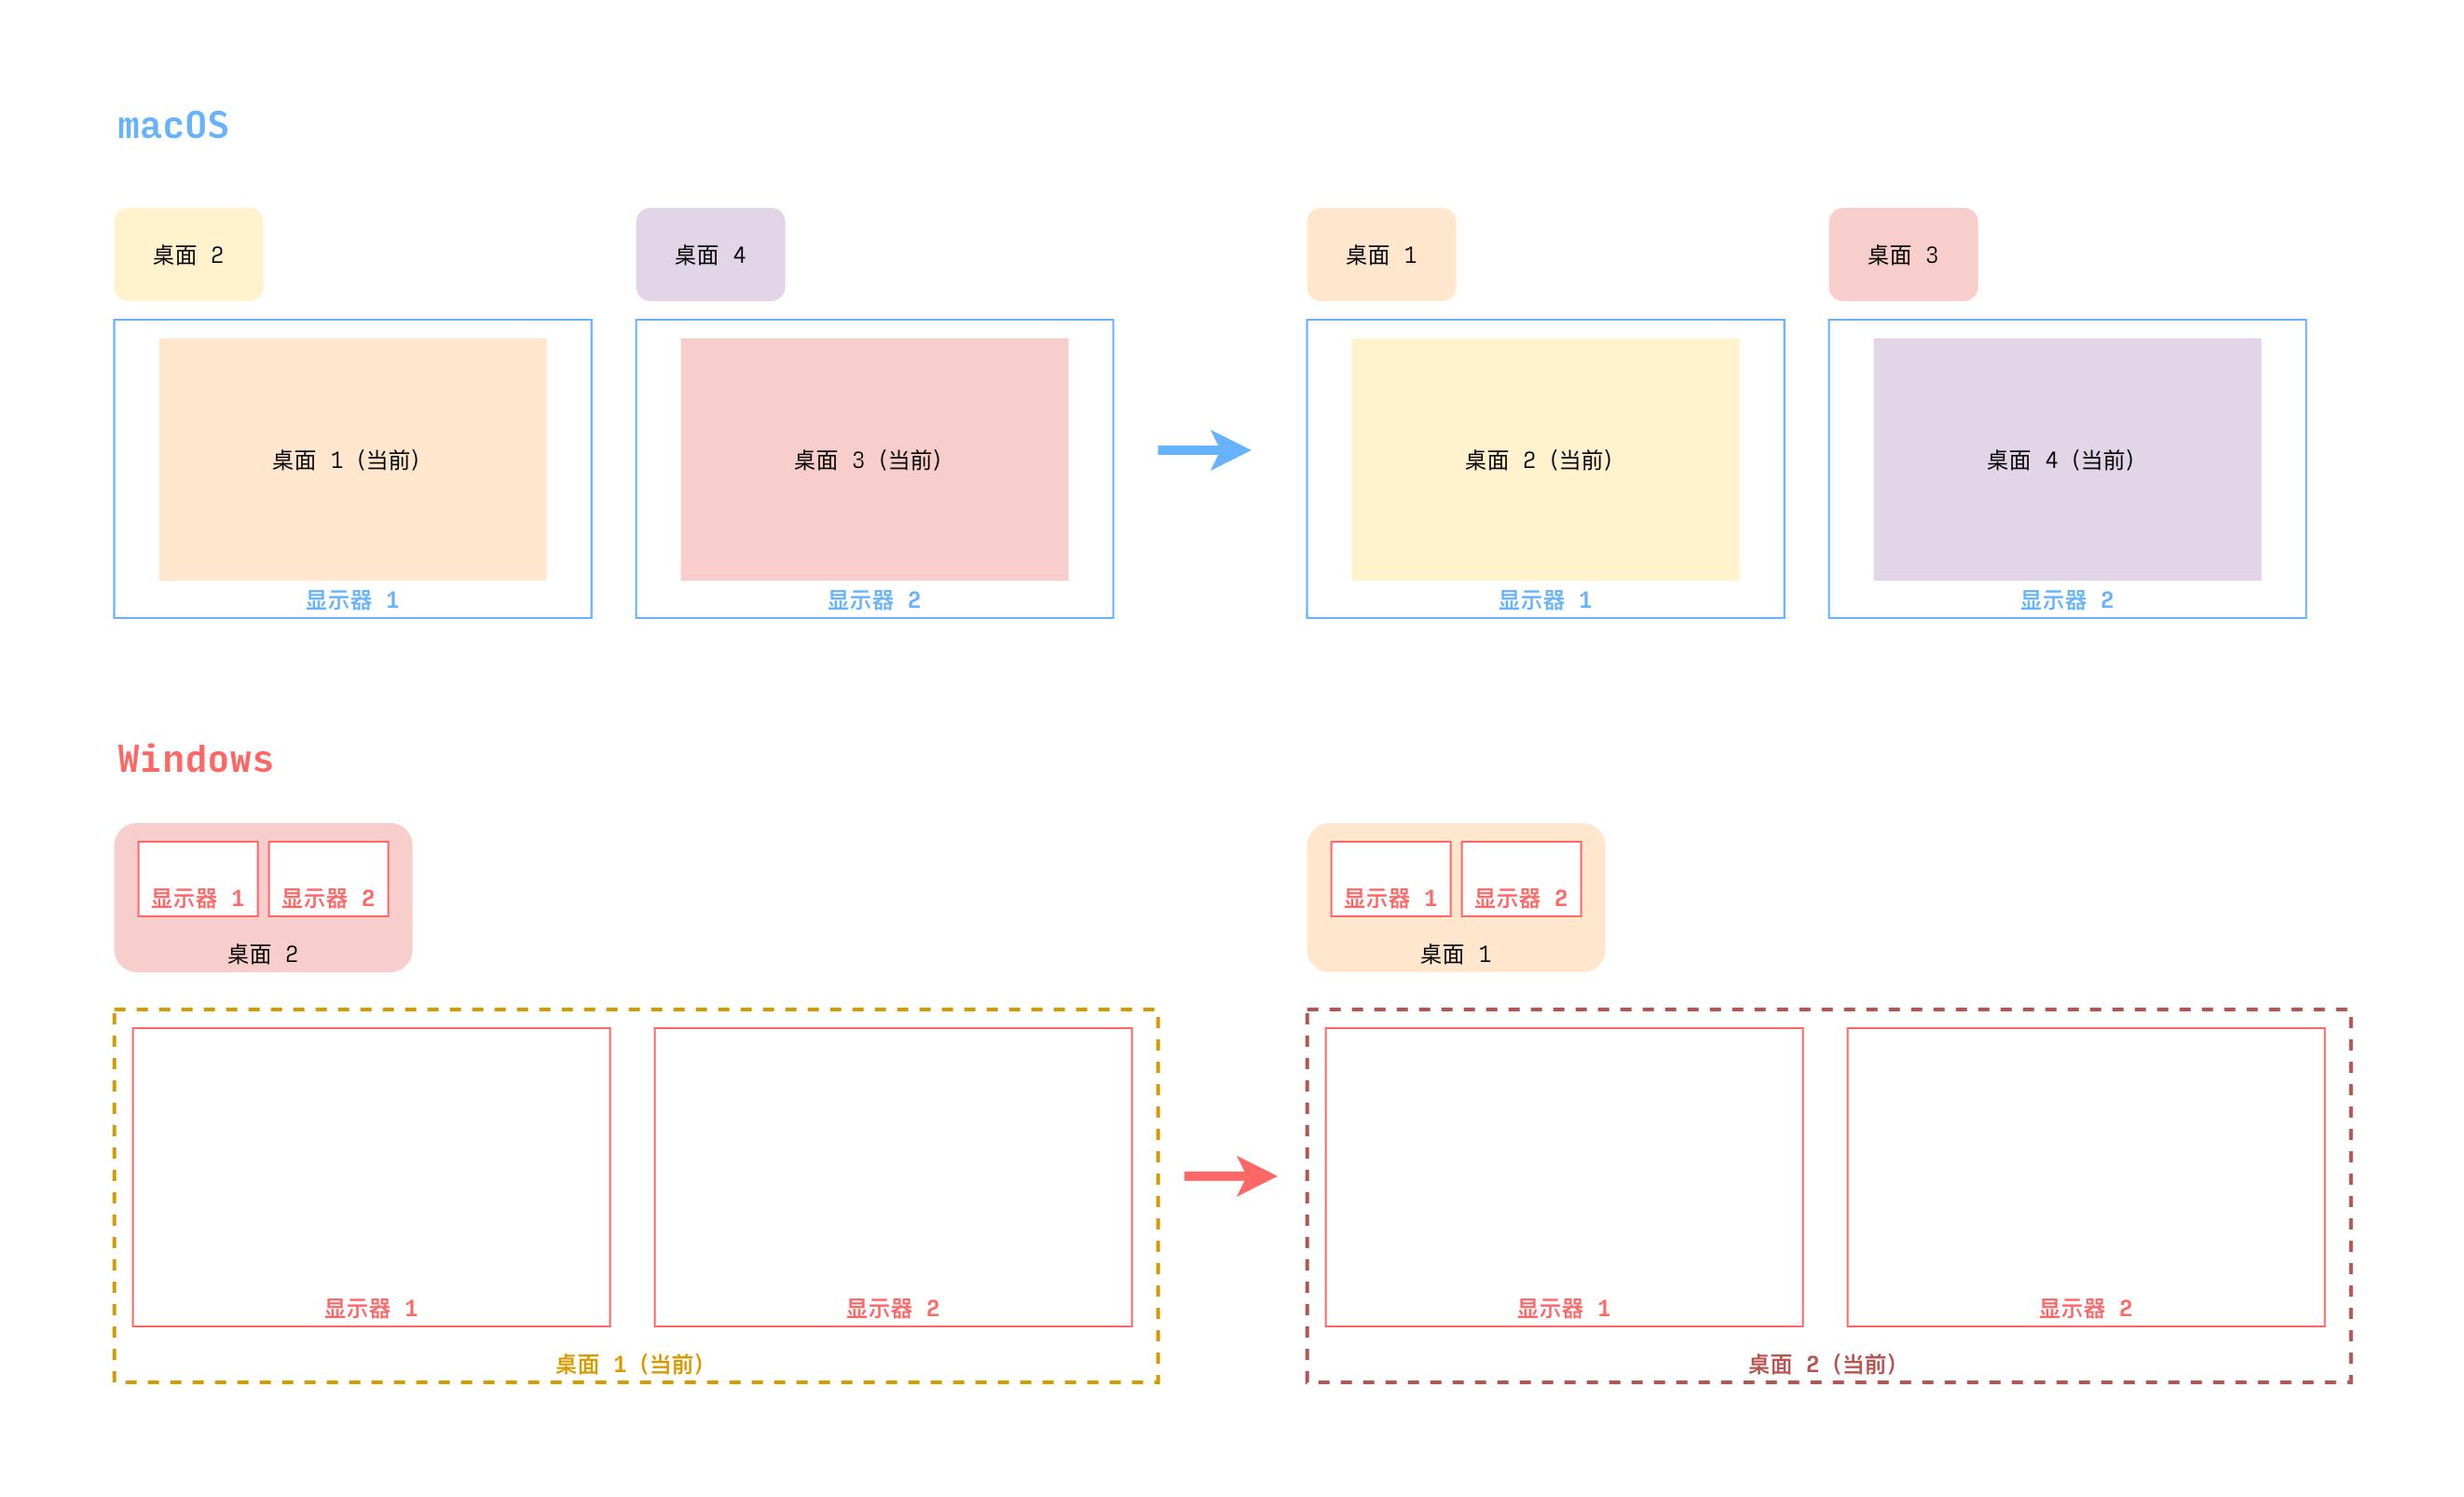 macOS 和 Windows 上工作区功能的逻辑区别